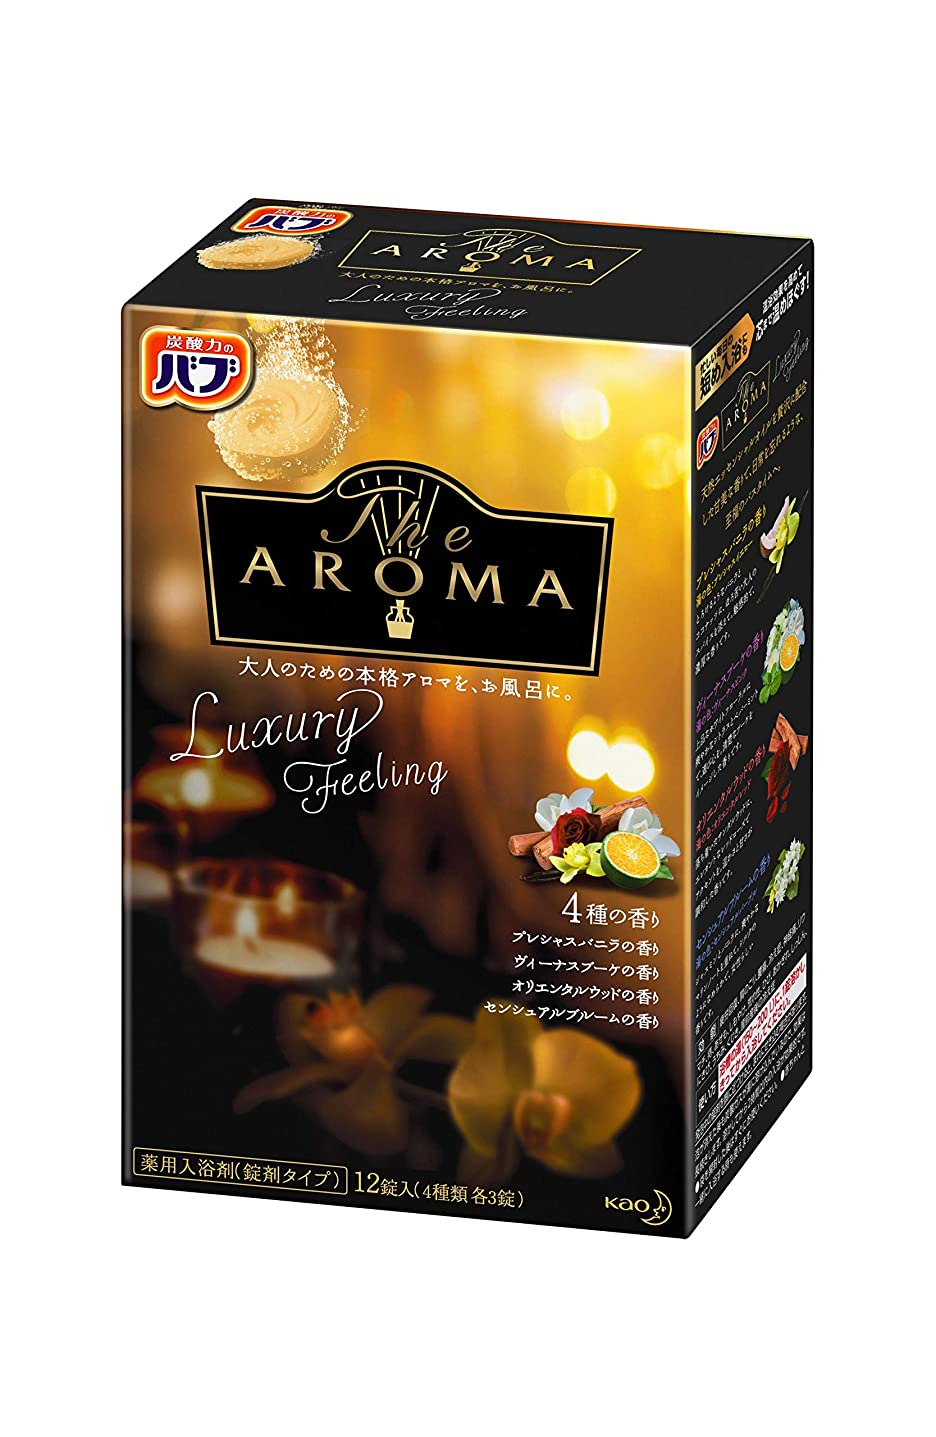 がっかりしたゴミ箱整然としたバブ The Aroma Luxury Feeling 12錠入 (4種類各3錠入)